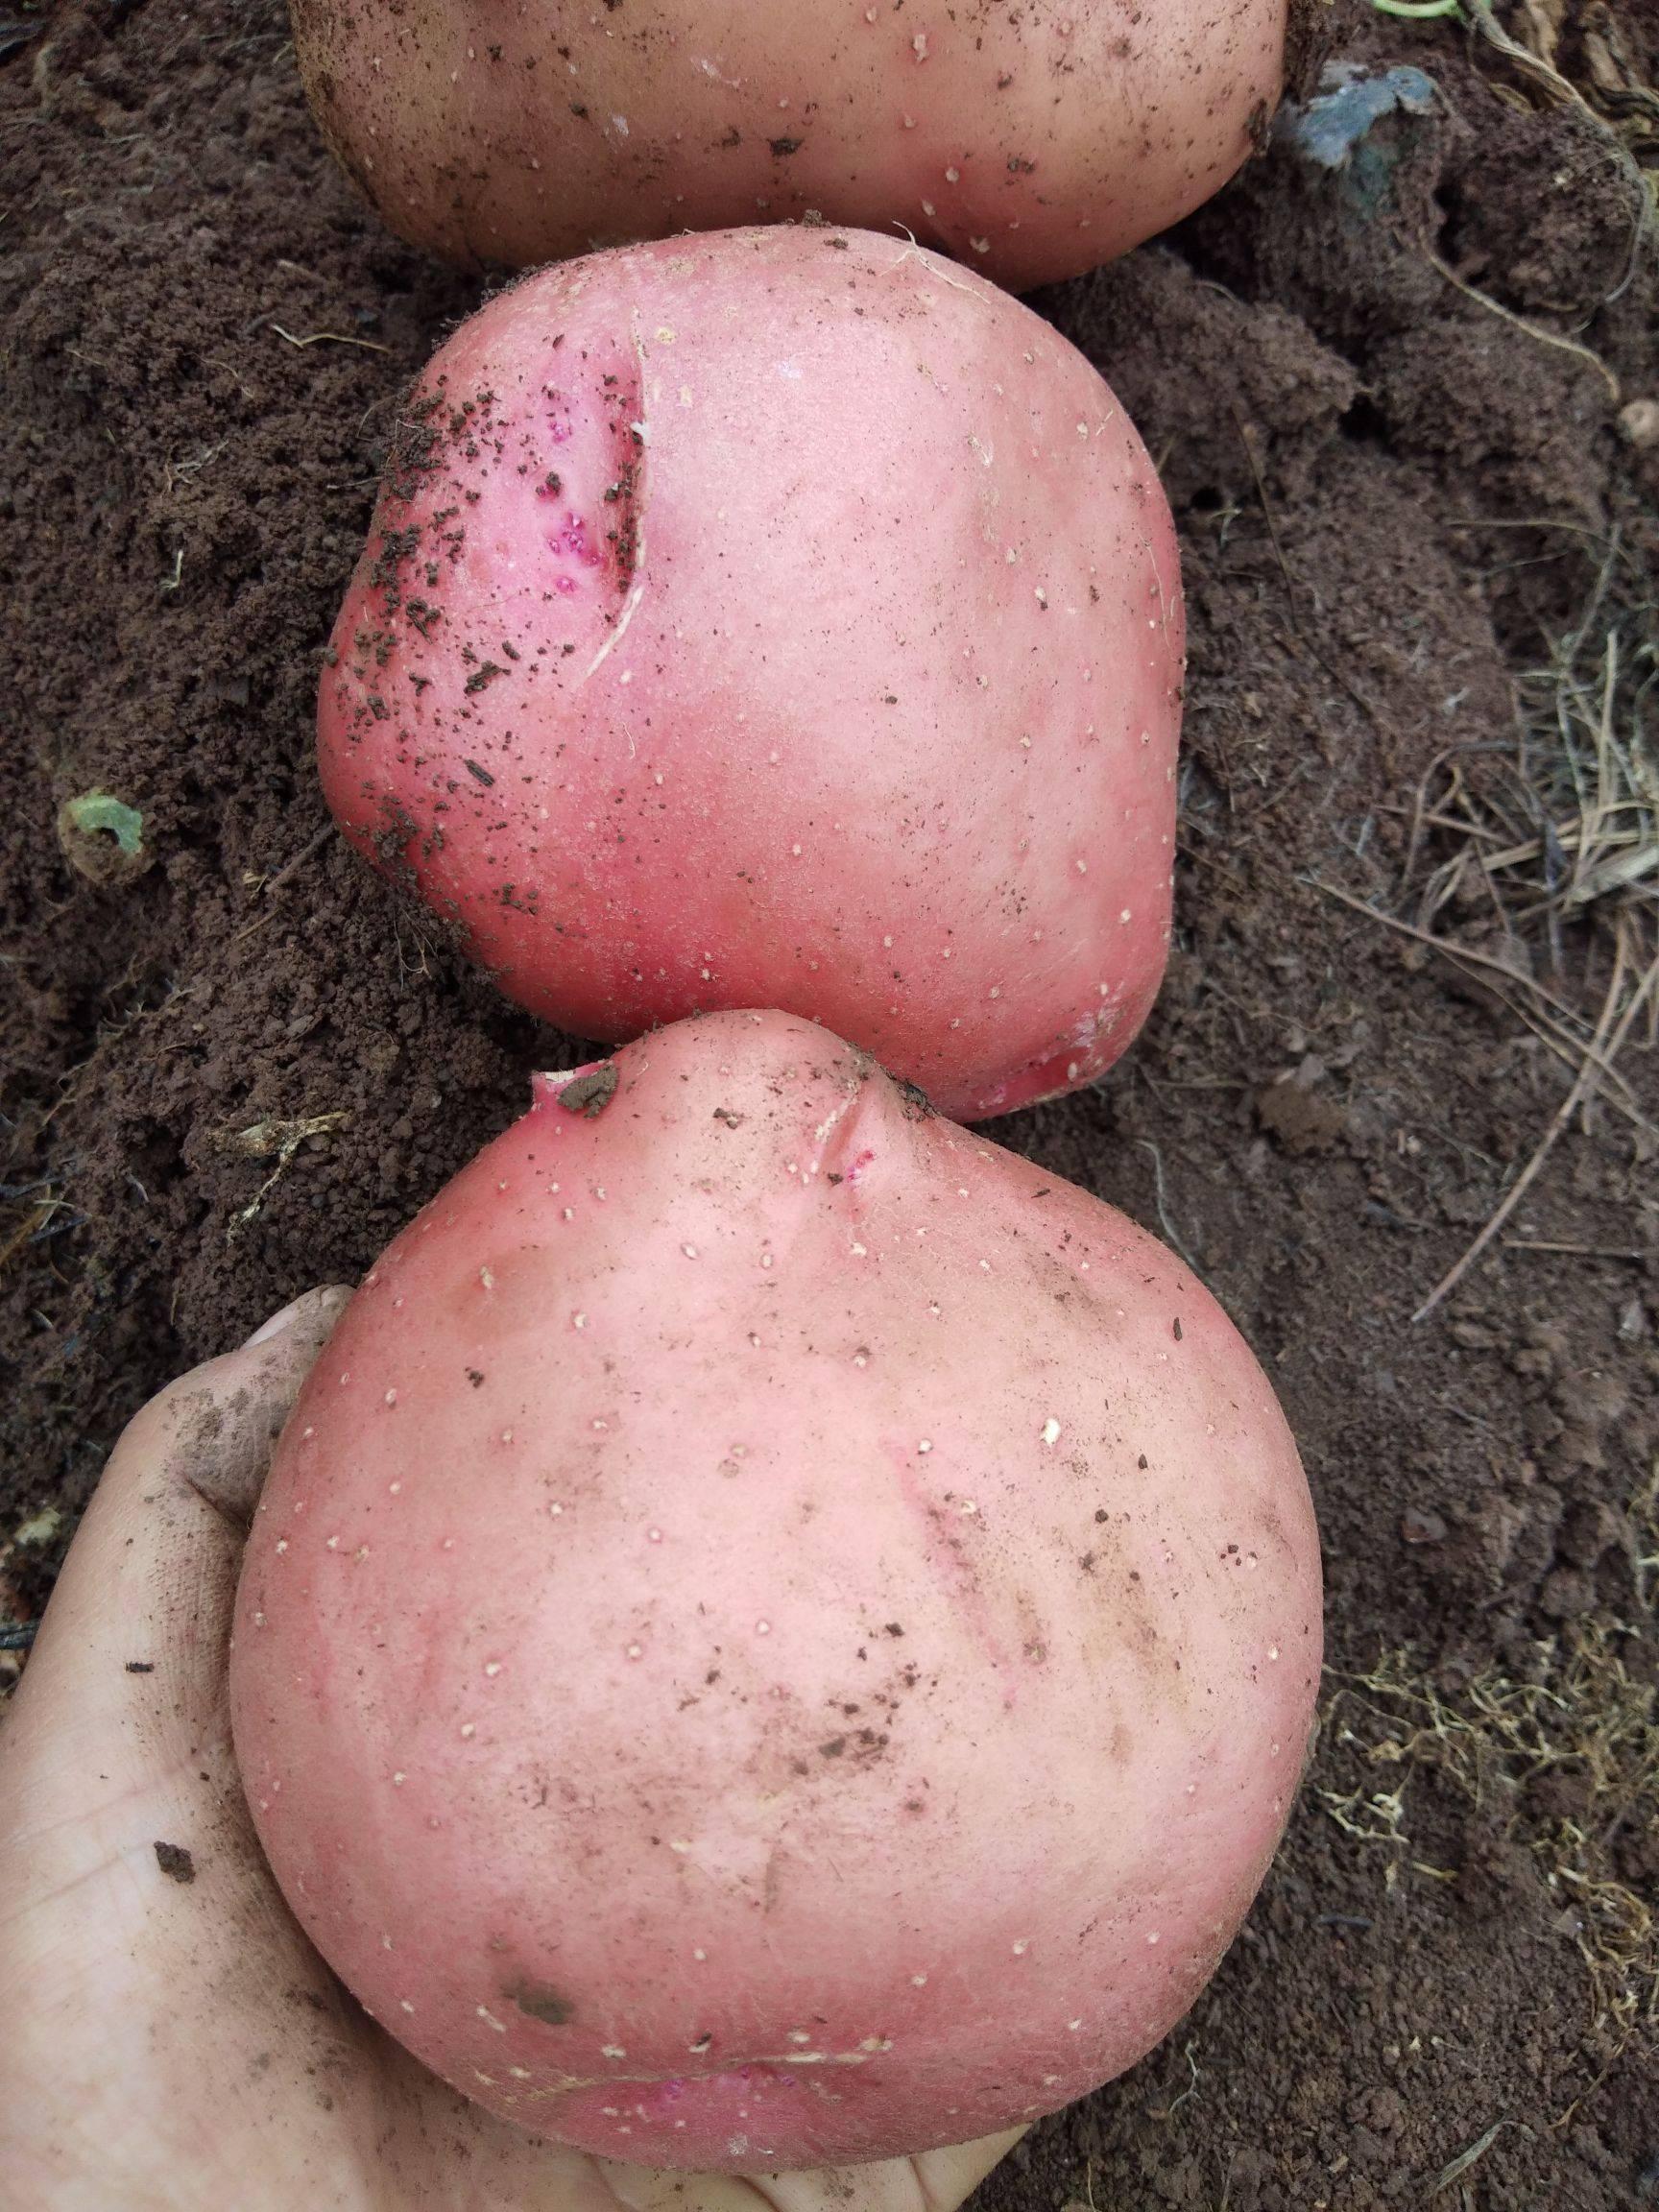 [黄心土豆批发] 红皮黄心土豆价格0.8元/斤